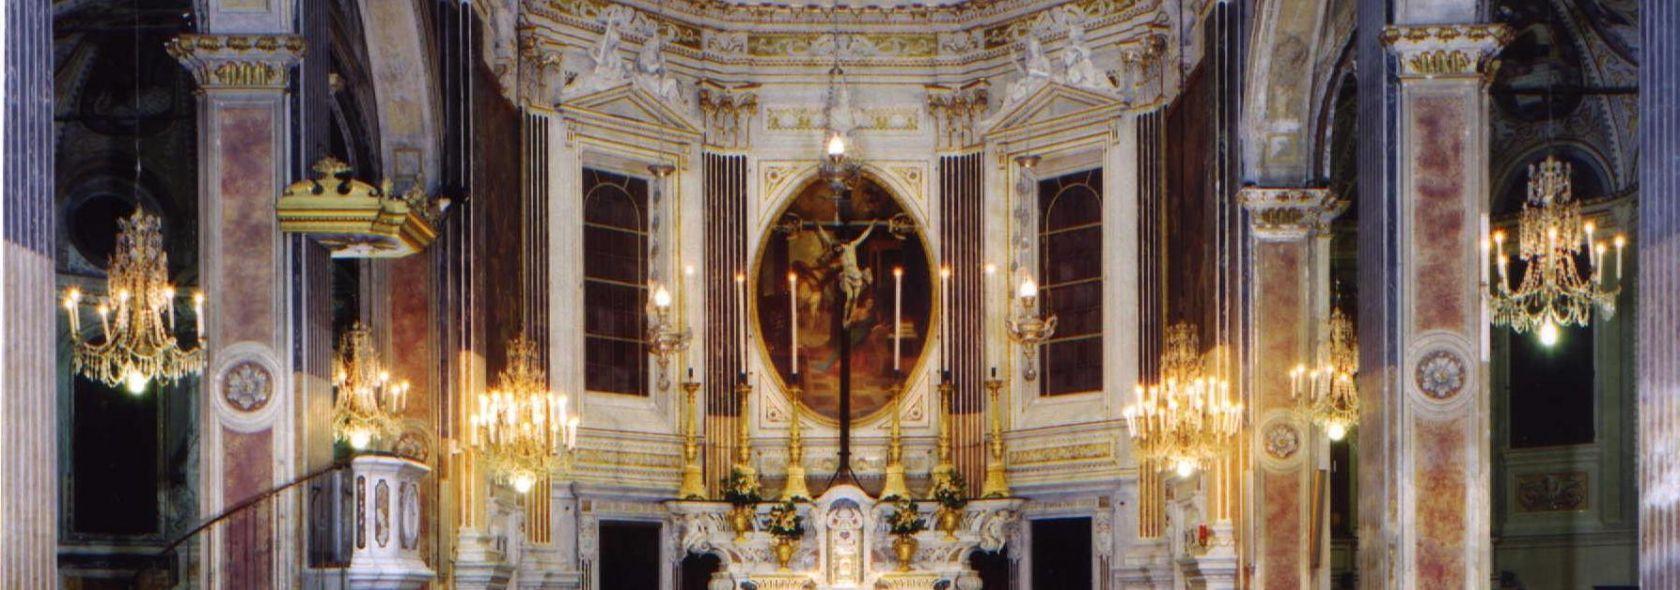 Il Santuario di Santa Caterina da Genova - interno